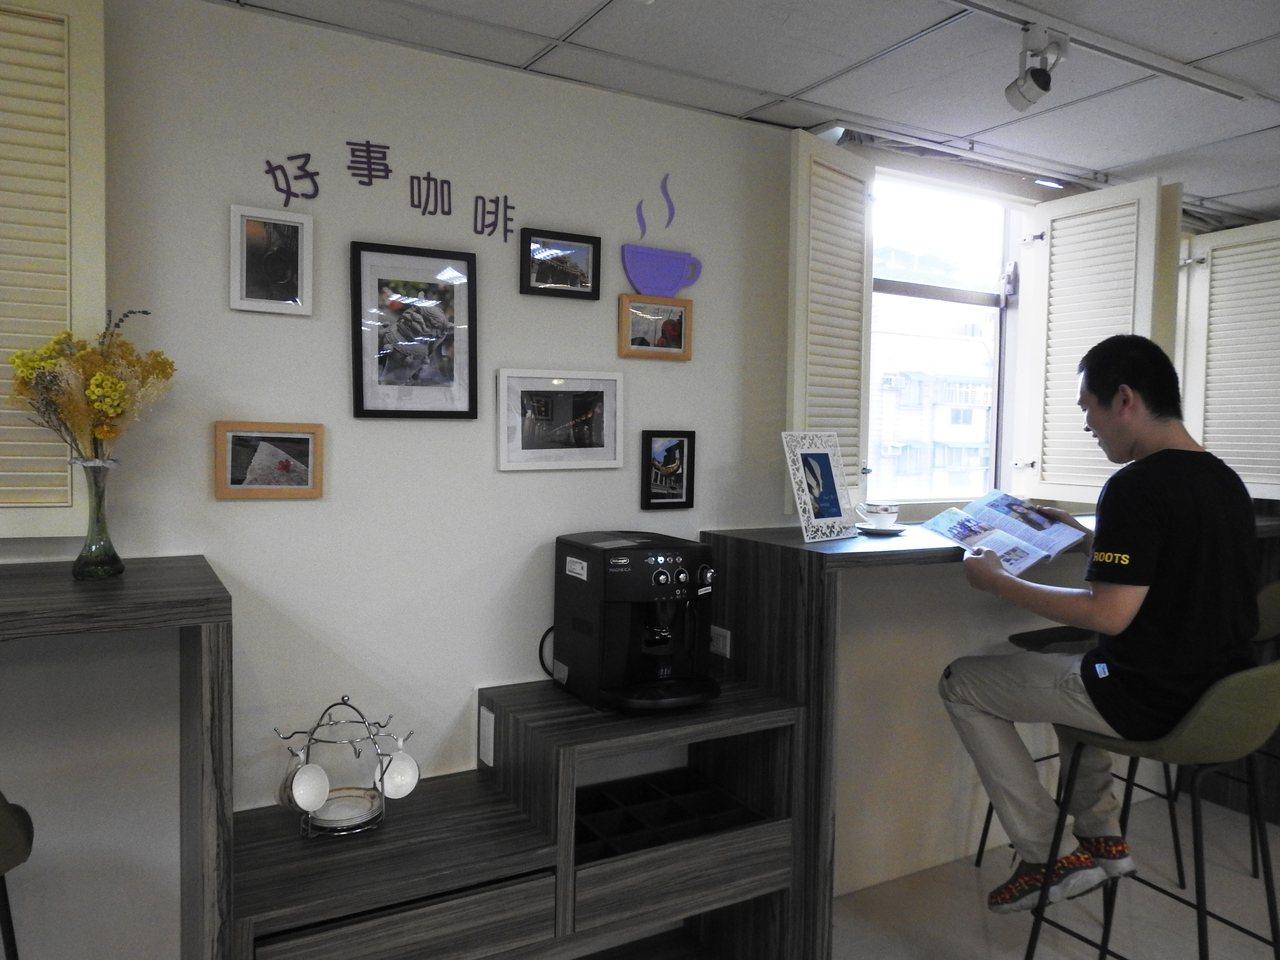 新北市13處戶所昨起開設「好事咖啡」專區,讓民眾洽公時可享用免費咖啡,三峽戶所北...